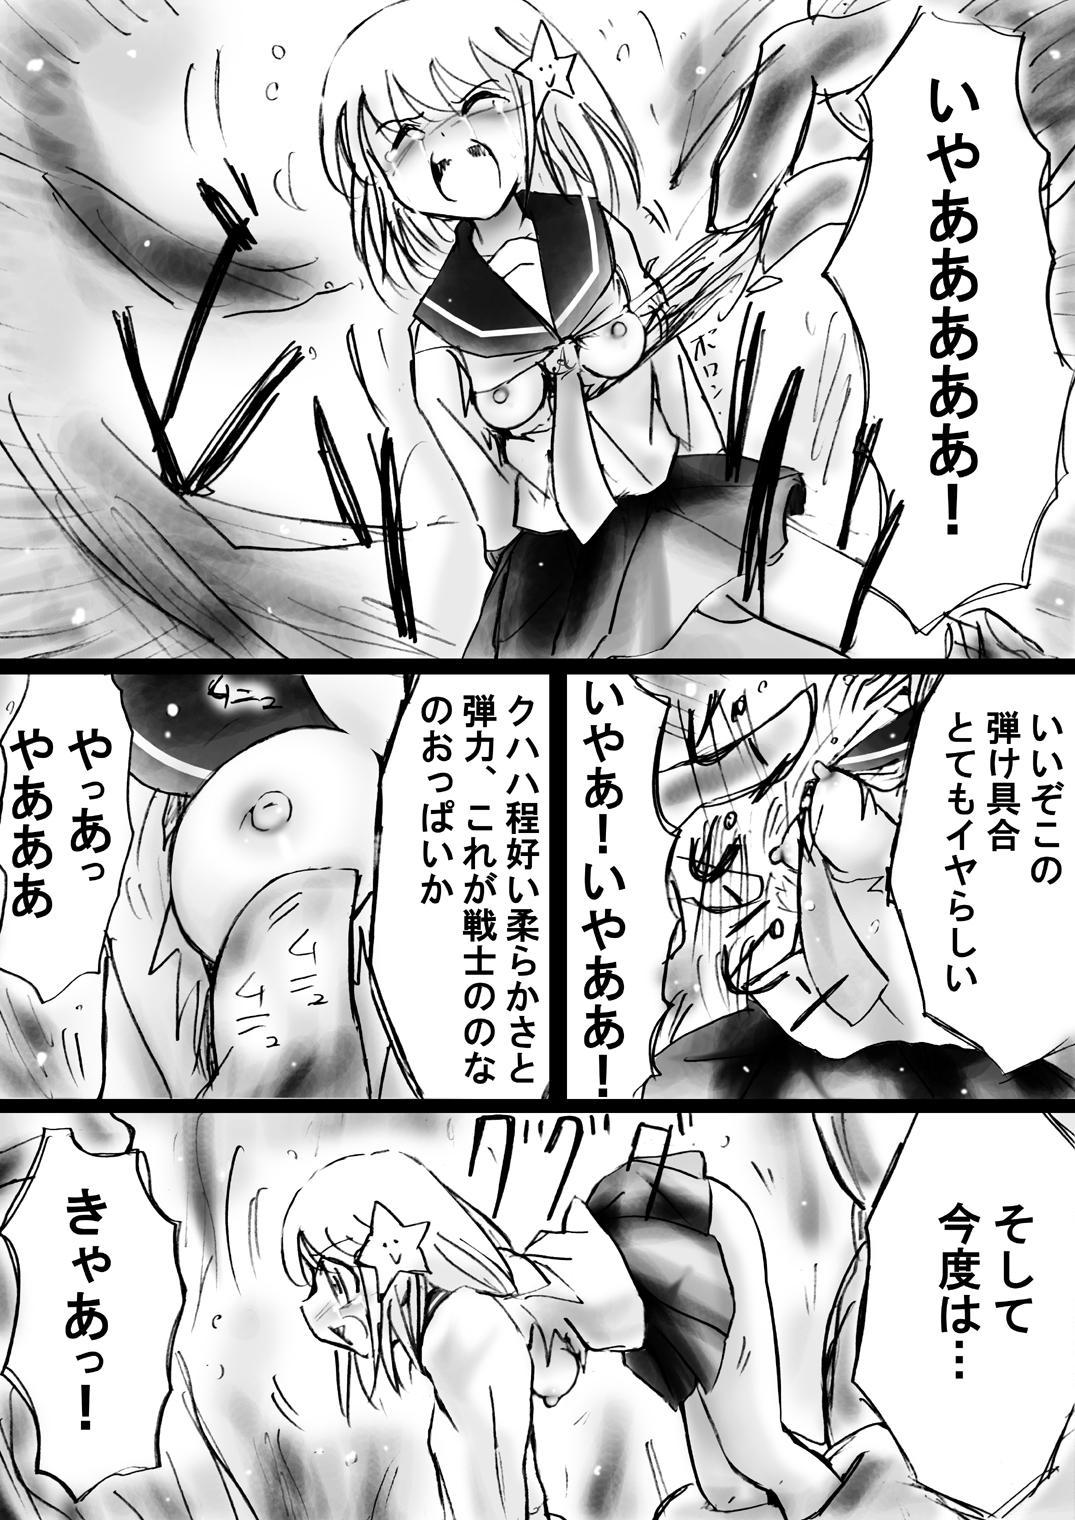 [Dende] Fushigi Sekai -Mystery World- no Nona 17 ~ Taiketsu Fujimi no Dai Inma Dakurasu, Kanzen Sekka no Kyoufu 74